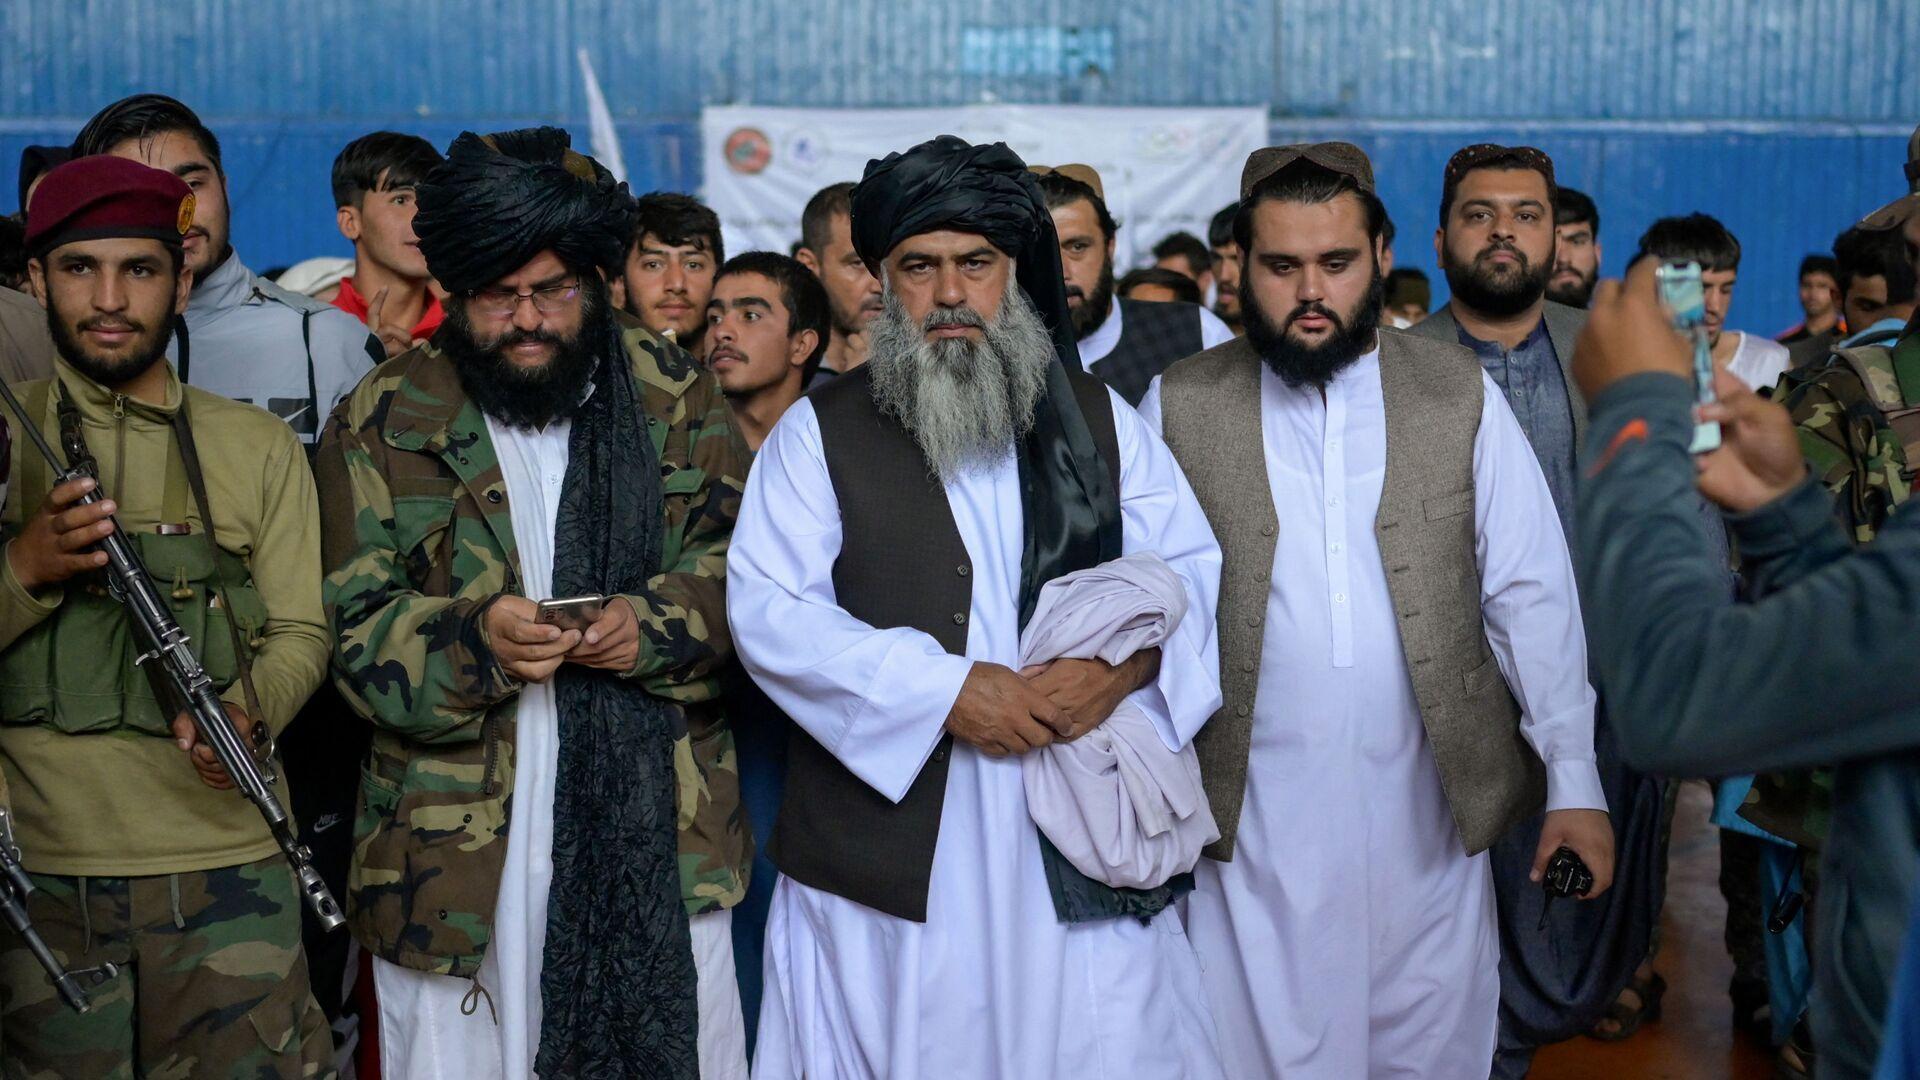 Во время визита директора Талибана по физическому воспитанию и спорту Башира Ахмада Рустамзая в спортзал в Кабуле - Sputnik International, 1920, 23.09.2021